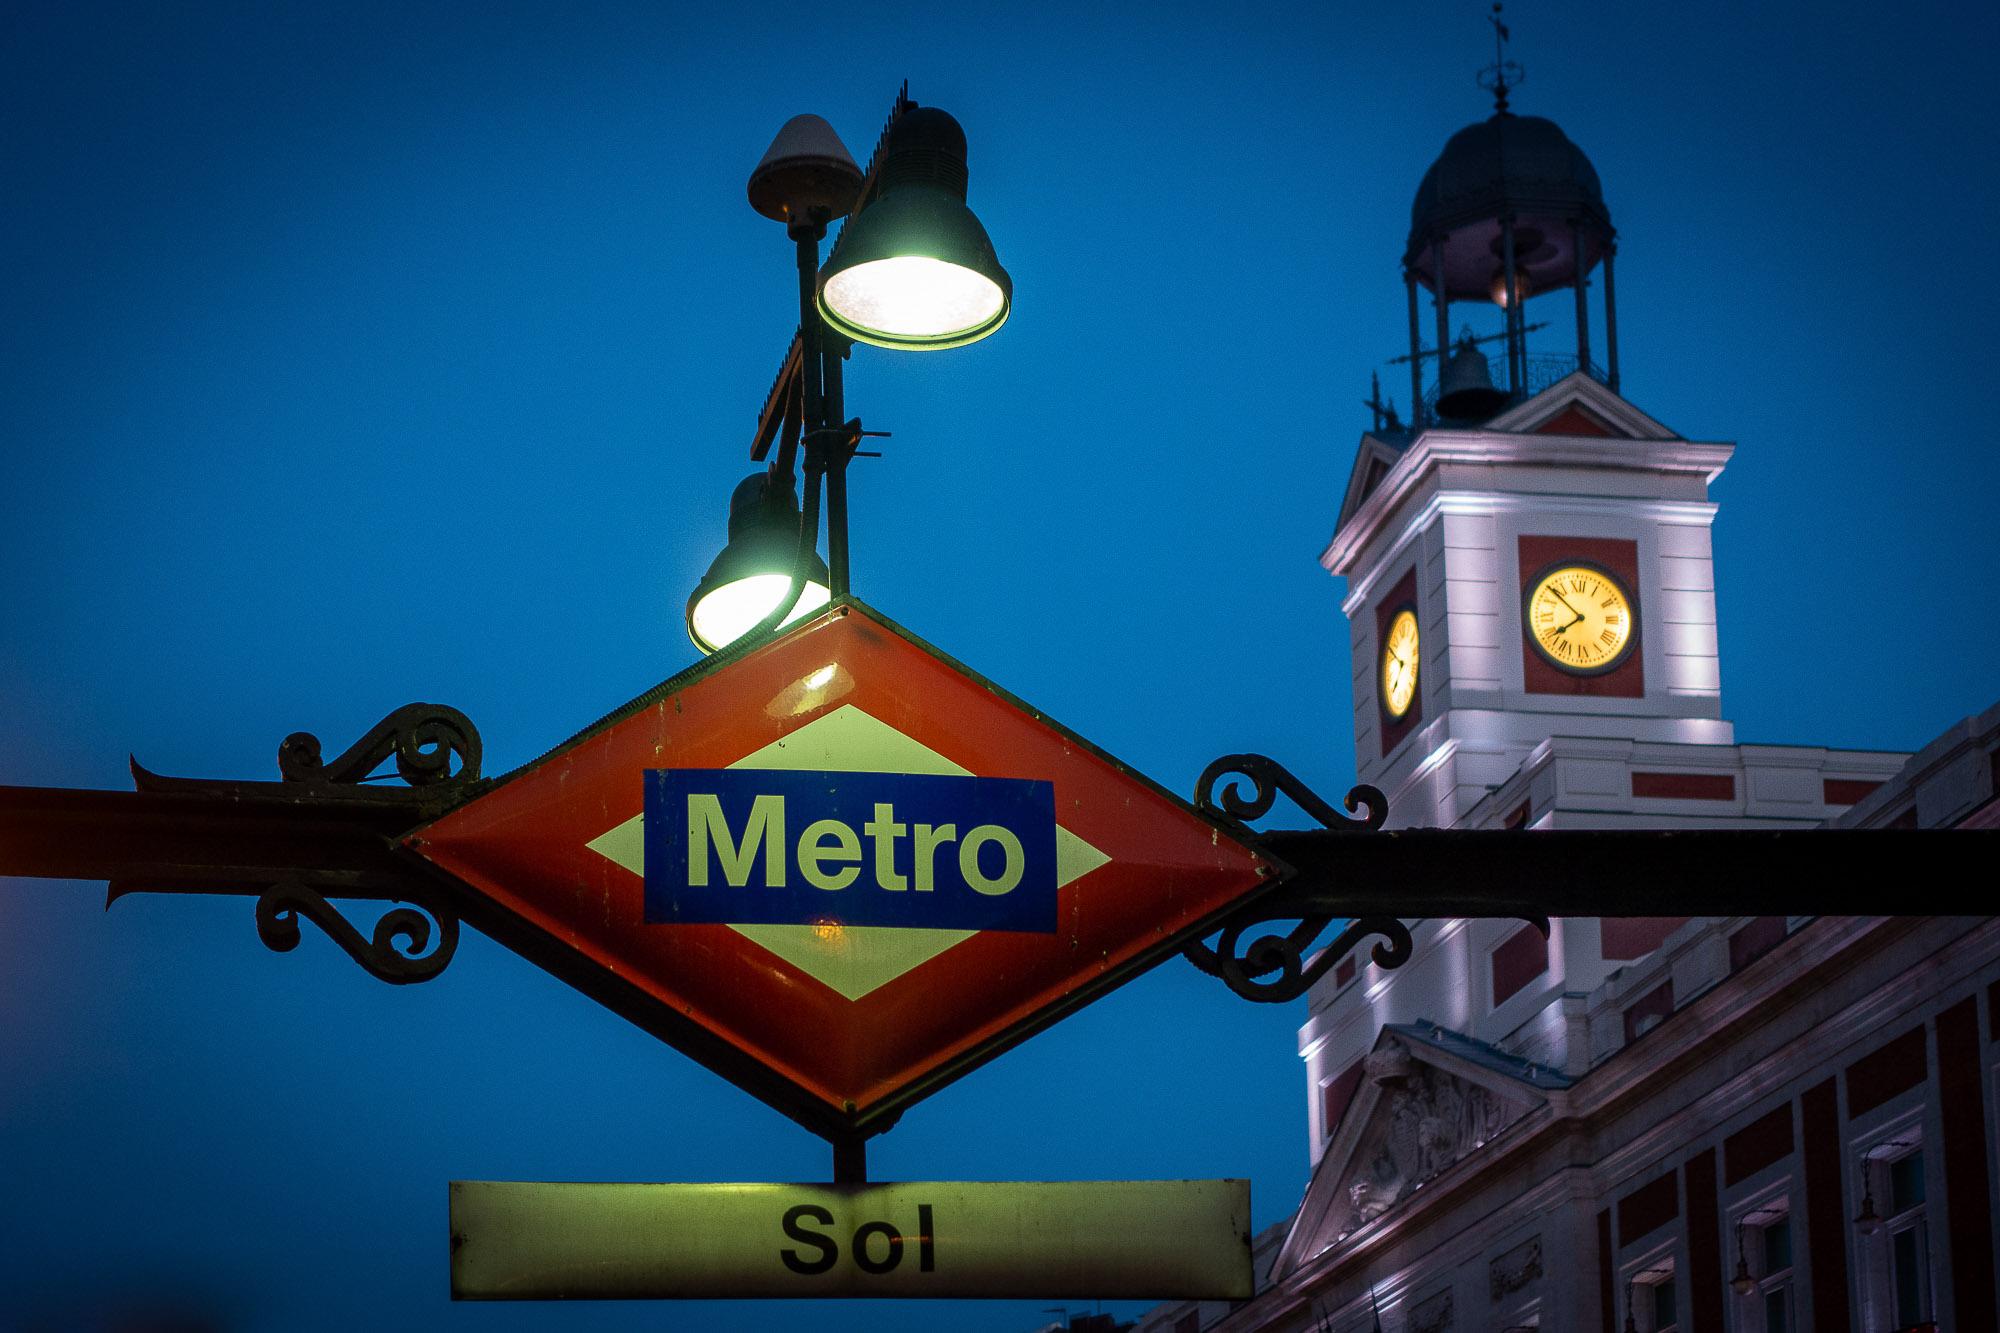 UnclePete / Madrid - Metro Sol um kurz vor acht Uhr